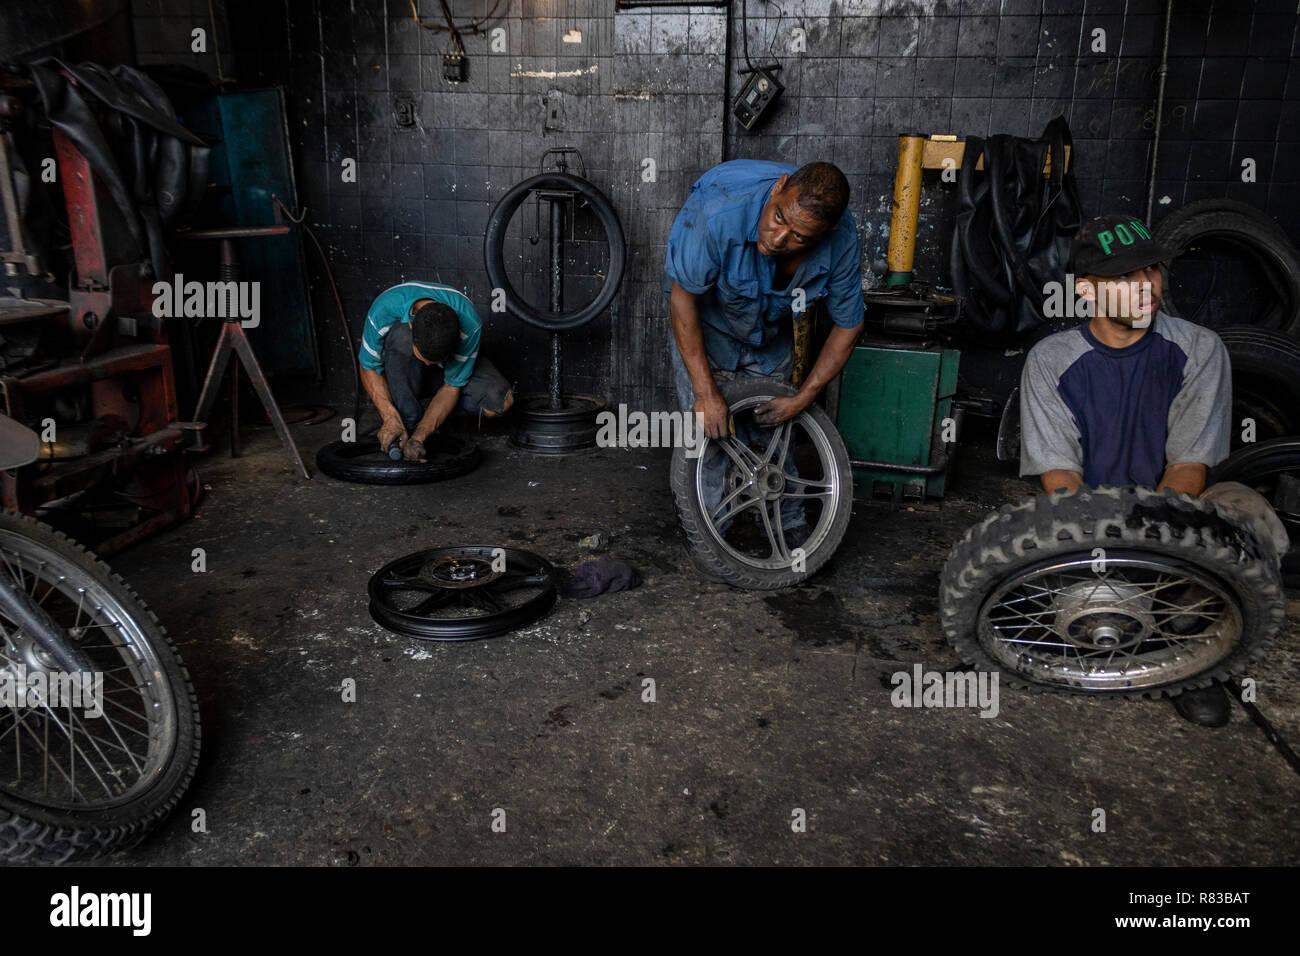 Caracas, Venezuela. 11 Dec, 2018. Los venezolanos abrigos de reparación en un taller. En vista de la crisis económica, todo en Venezuela está siendo reparado hasta es absolutamente inútil. El mercado interno venezolano está sufriendo enormemente debido a la crisis económica. Según el Fondo Monetario Internacional (FMI), el país sudamericano se encamina a una inflación de 1,37 millones por ciento en 2018. Crédito: Rayner Peña/dpa/Alamy Live News Foto de stock